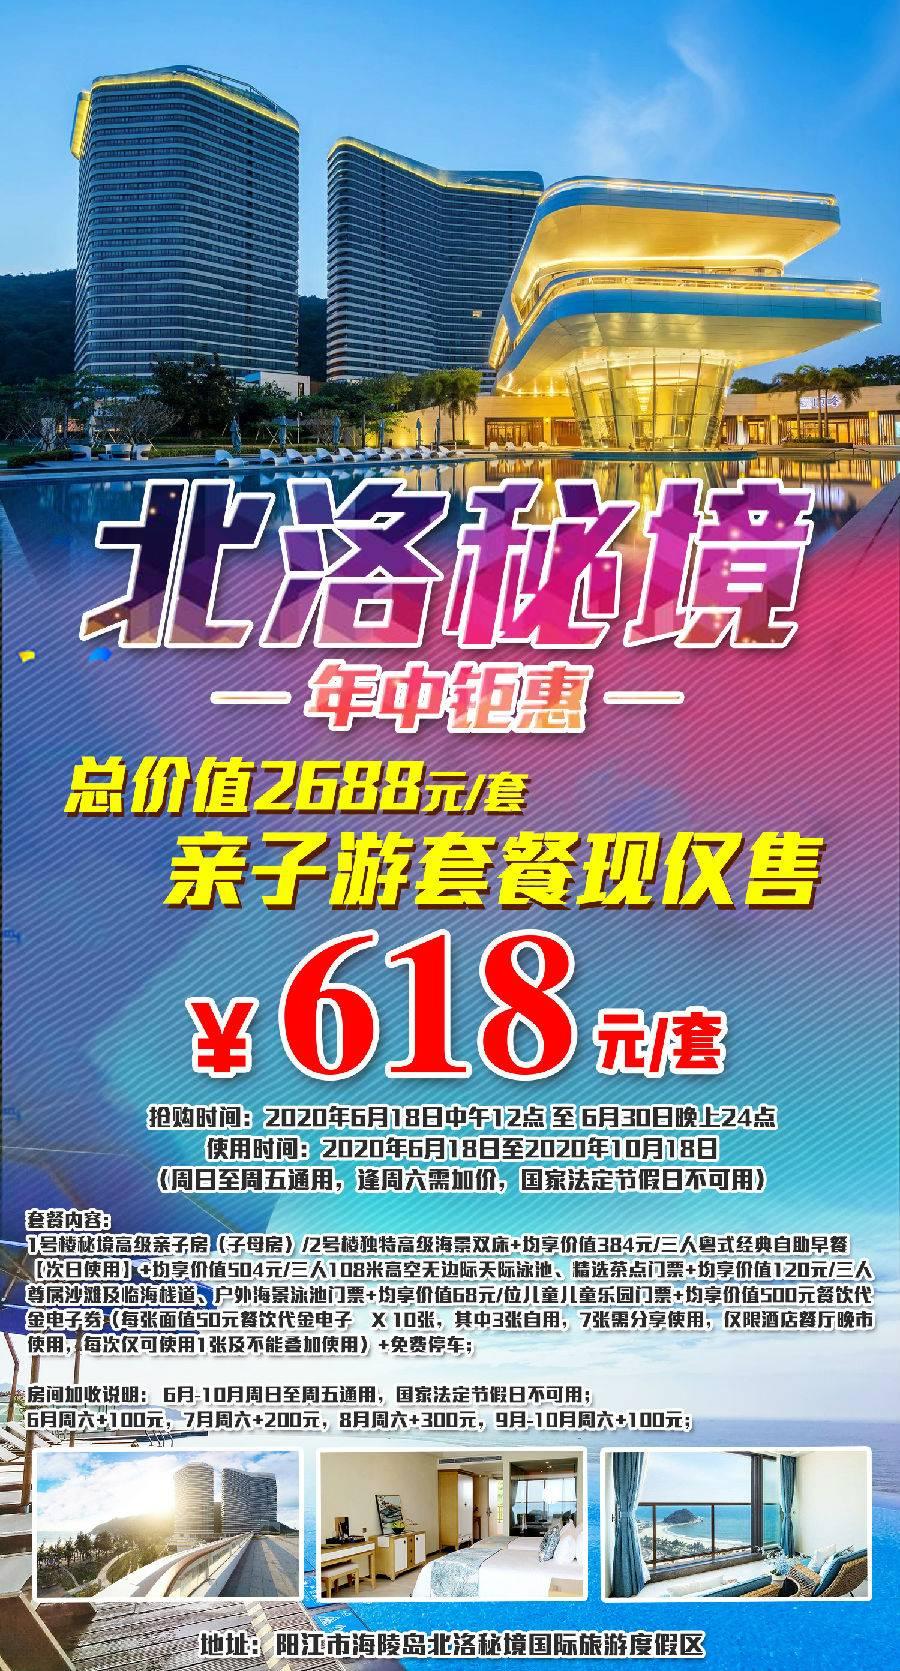 【6.18大促】北洛秘境年中钜惠,618抢原价2688元/套亲子游,让我们一起High爆这个夏天